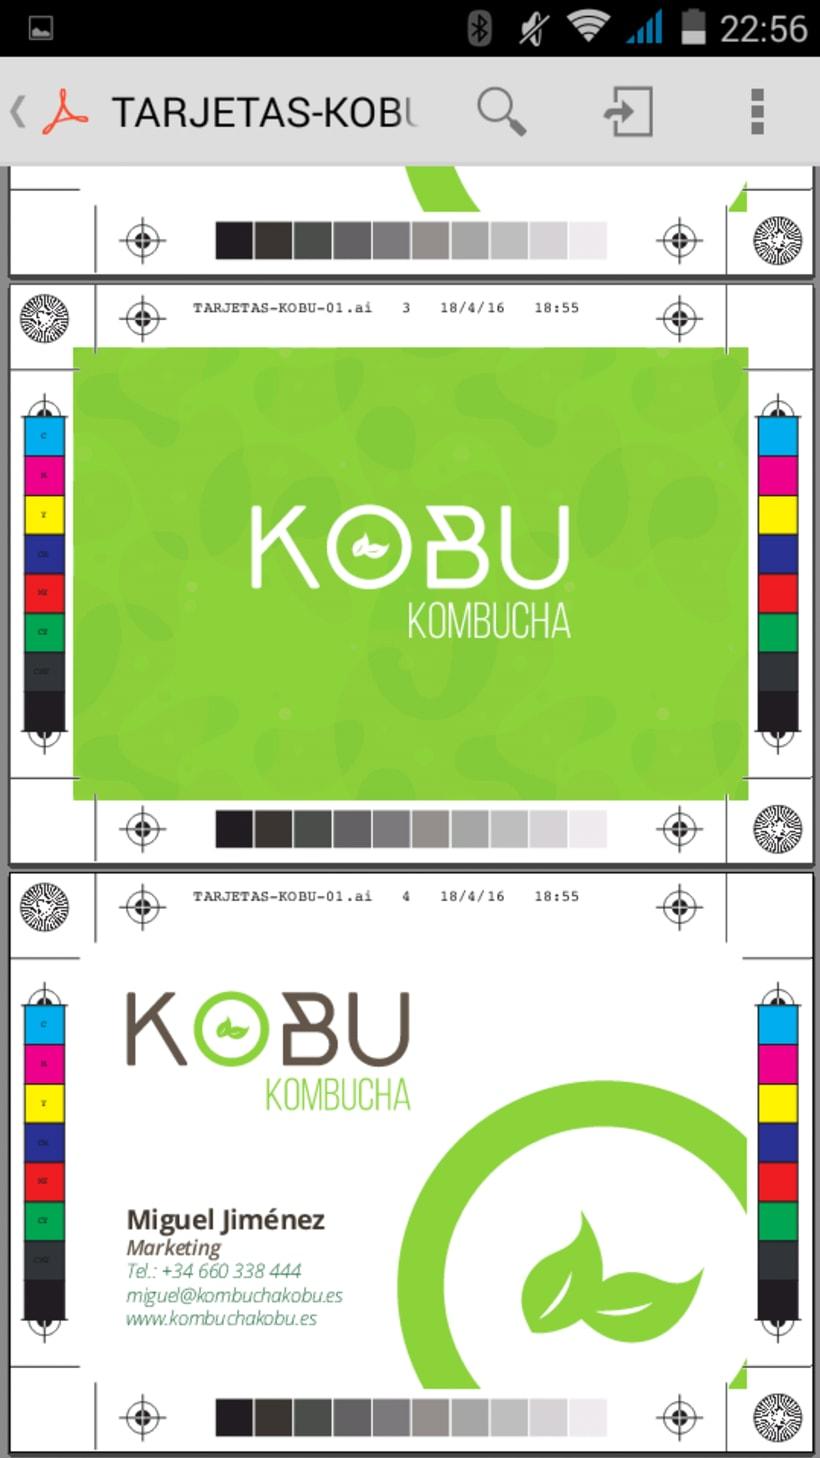 KOBU Kombucha 0